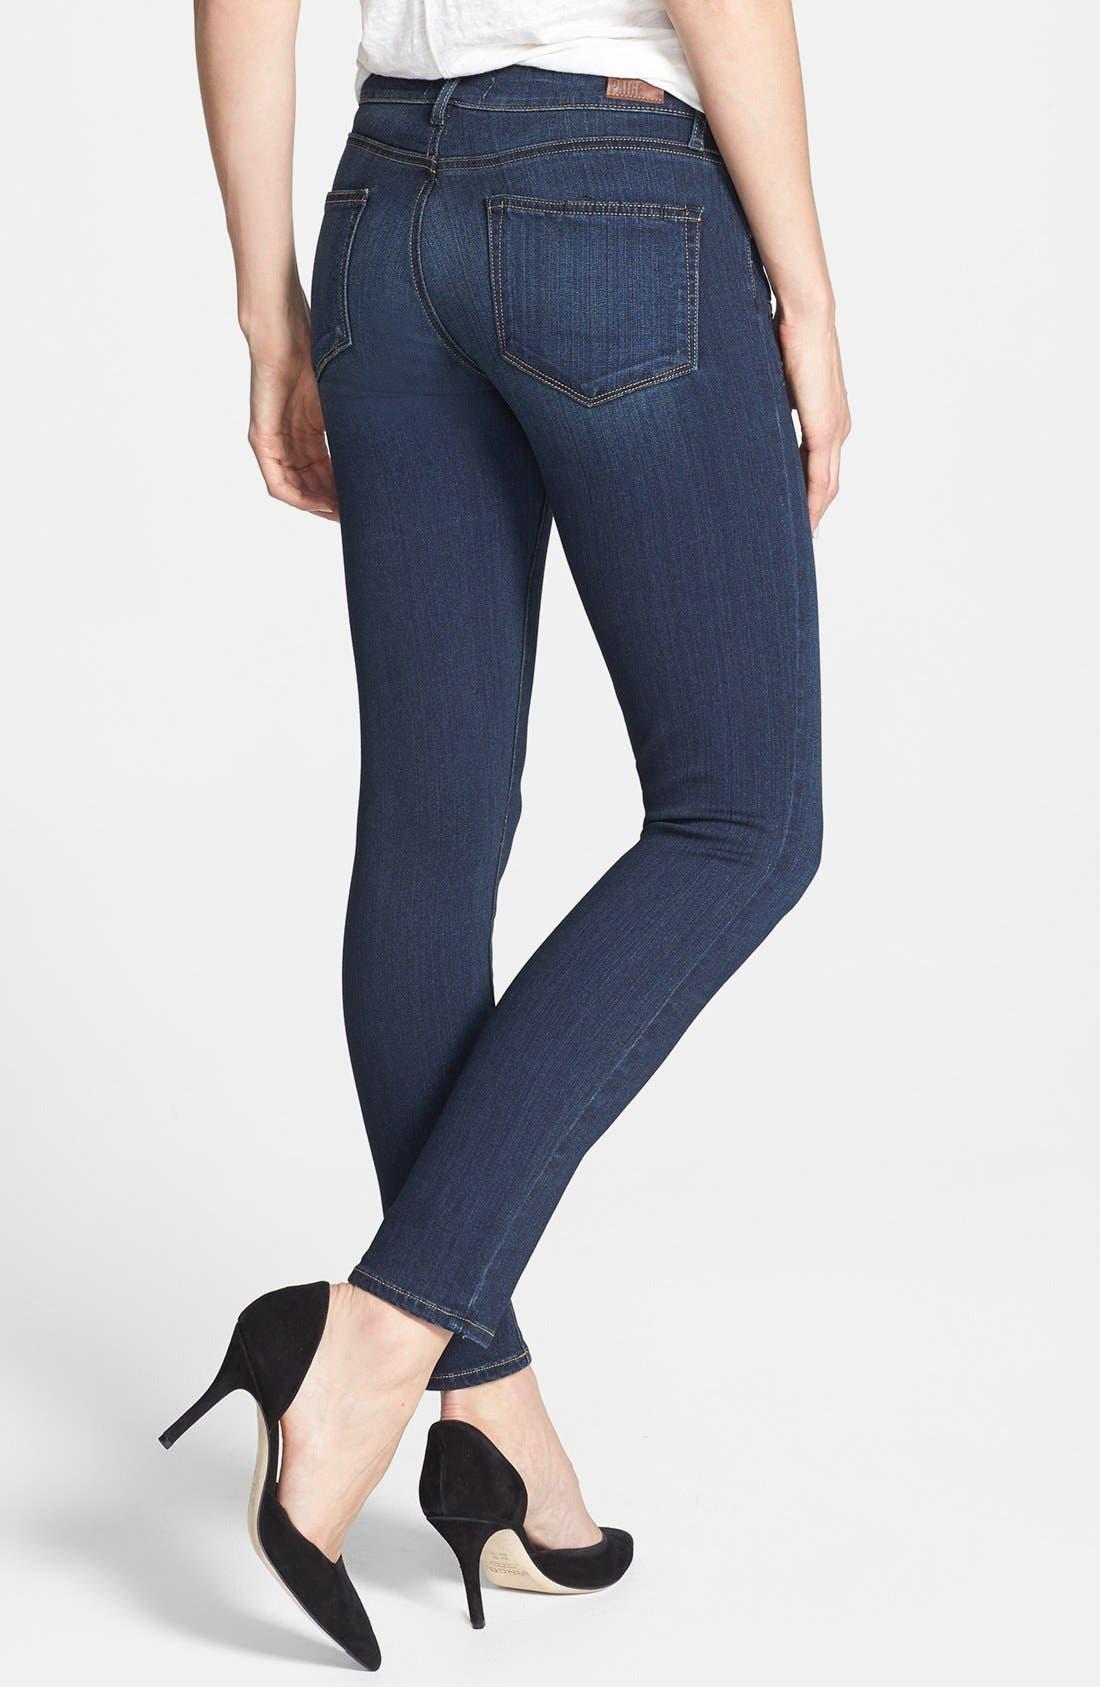 Transcend - Edgemont Zip Detail Ultra Skinny Jeans,                             Alternate thumbnail 3, color,                             400